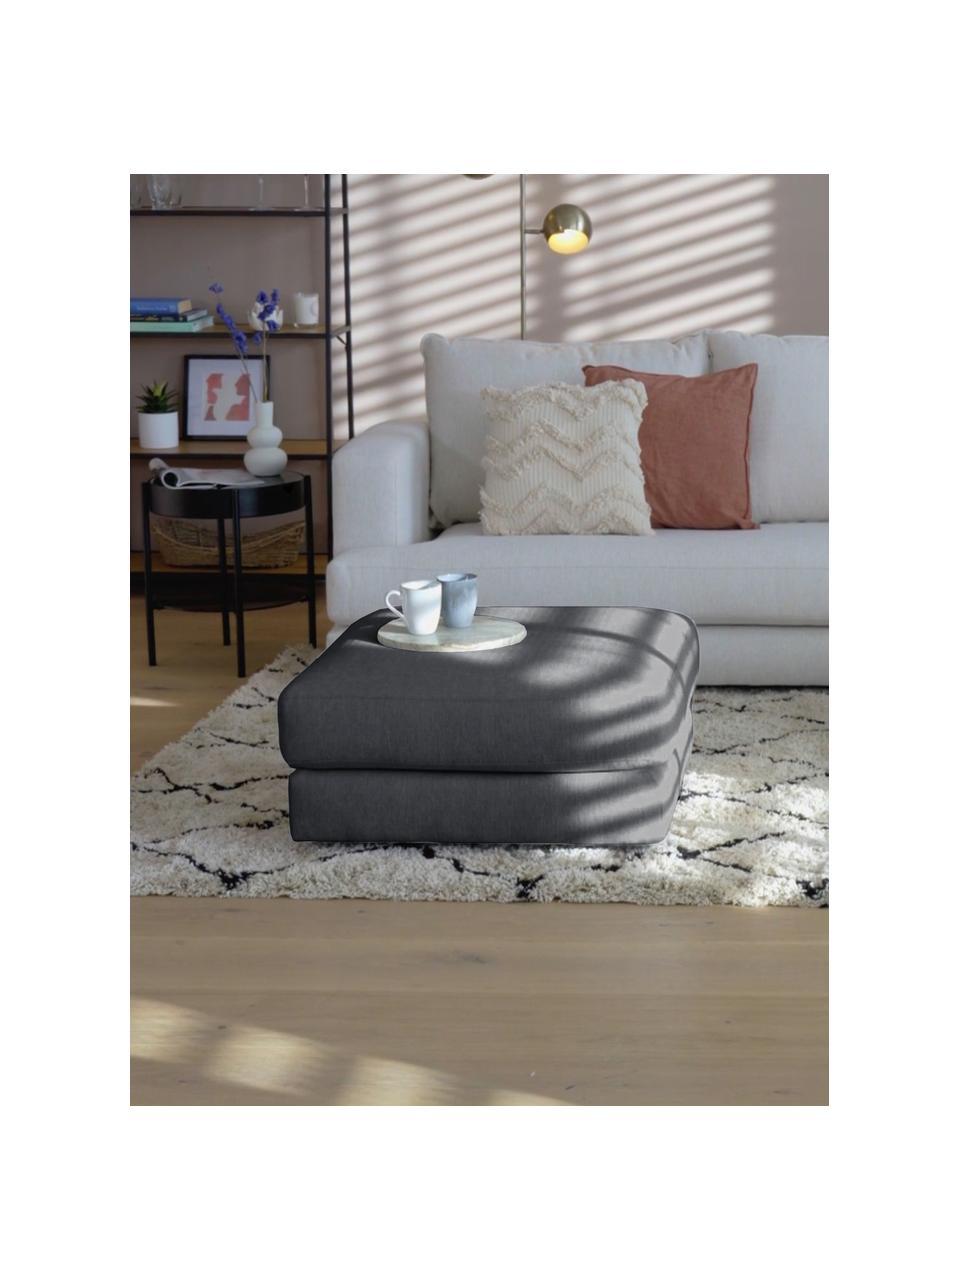 Poggiapiedi da divano in tessuto antracite Tribeca, Rivestimento: 100% poliestere Il rivest, Struttura: legno massiccio di faggio, Piedini: legno massiccio di faggio, Tessuto antracite, Larg. 80 x Alt. 40 cm